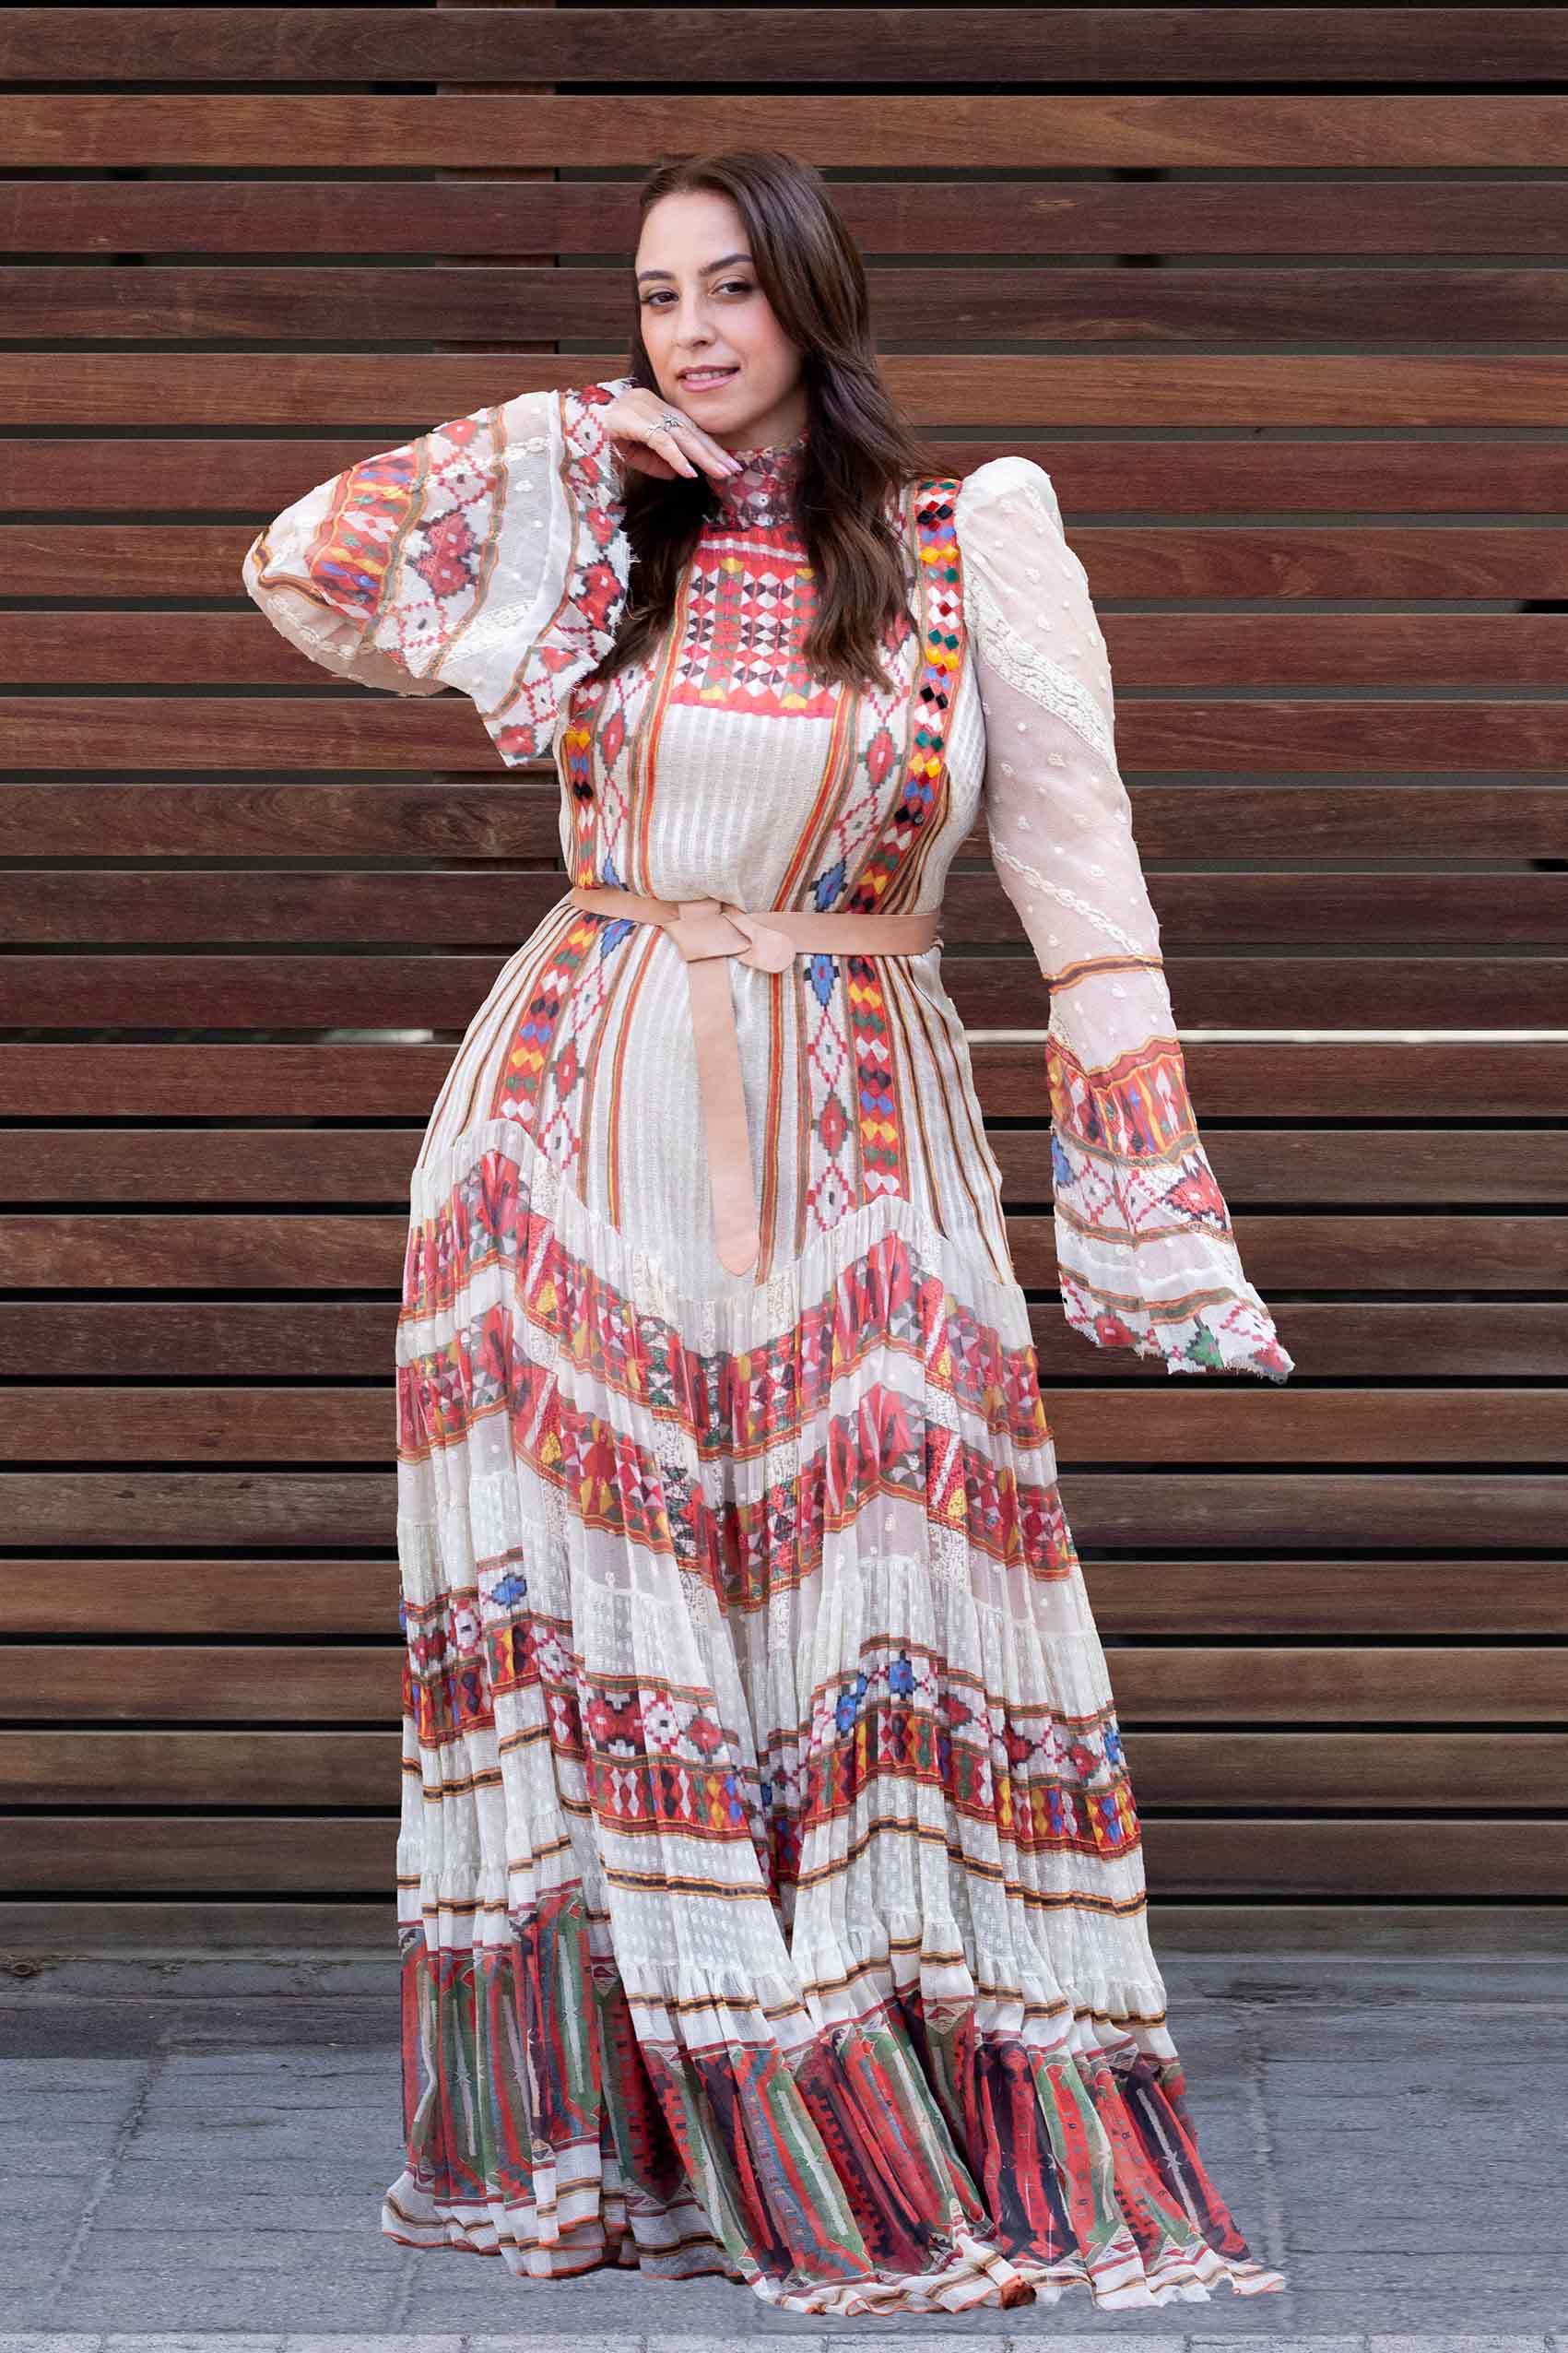 אופנה- טלי ארבל לובשת ויוי בלאיש, צילום: שלי פדן-לורבר-אופנה-ישראלית